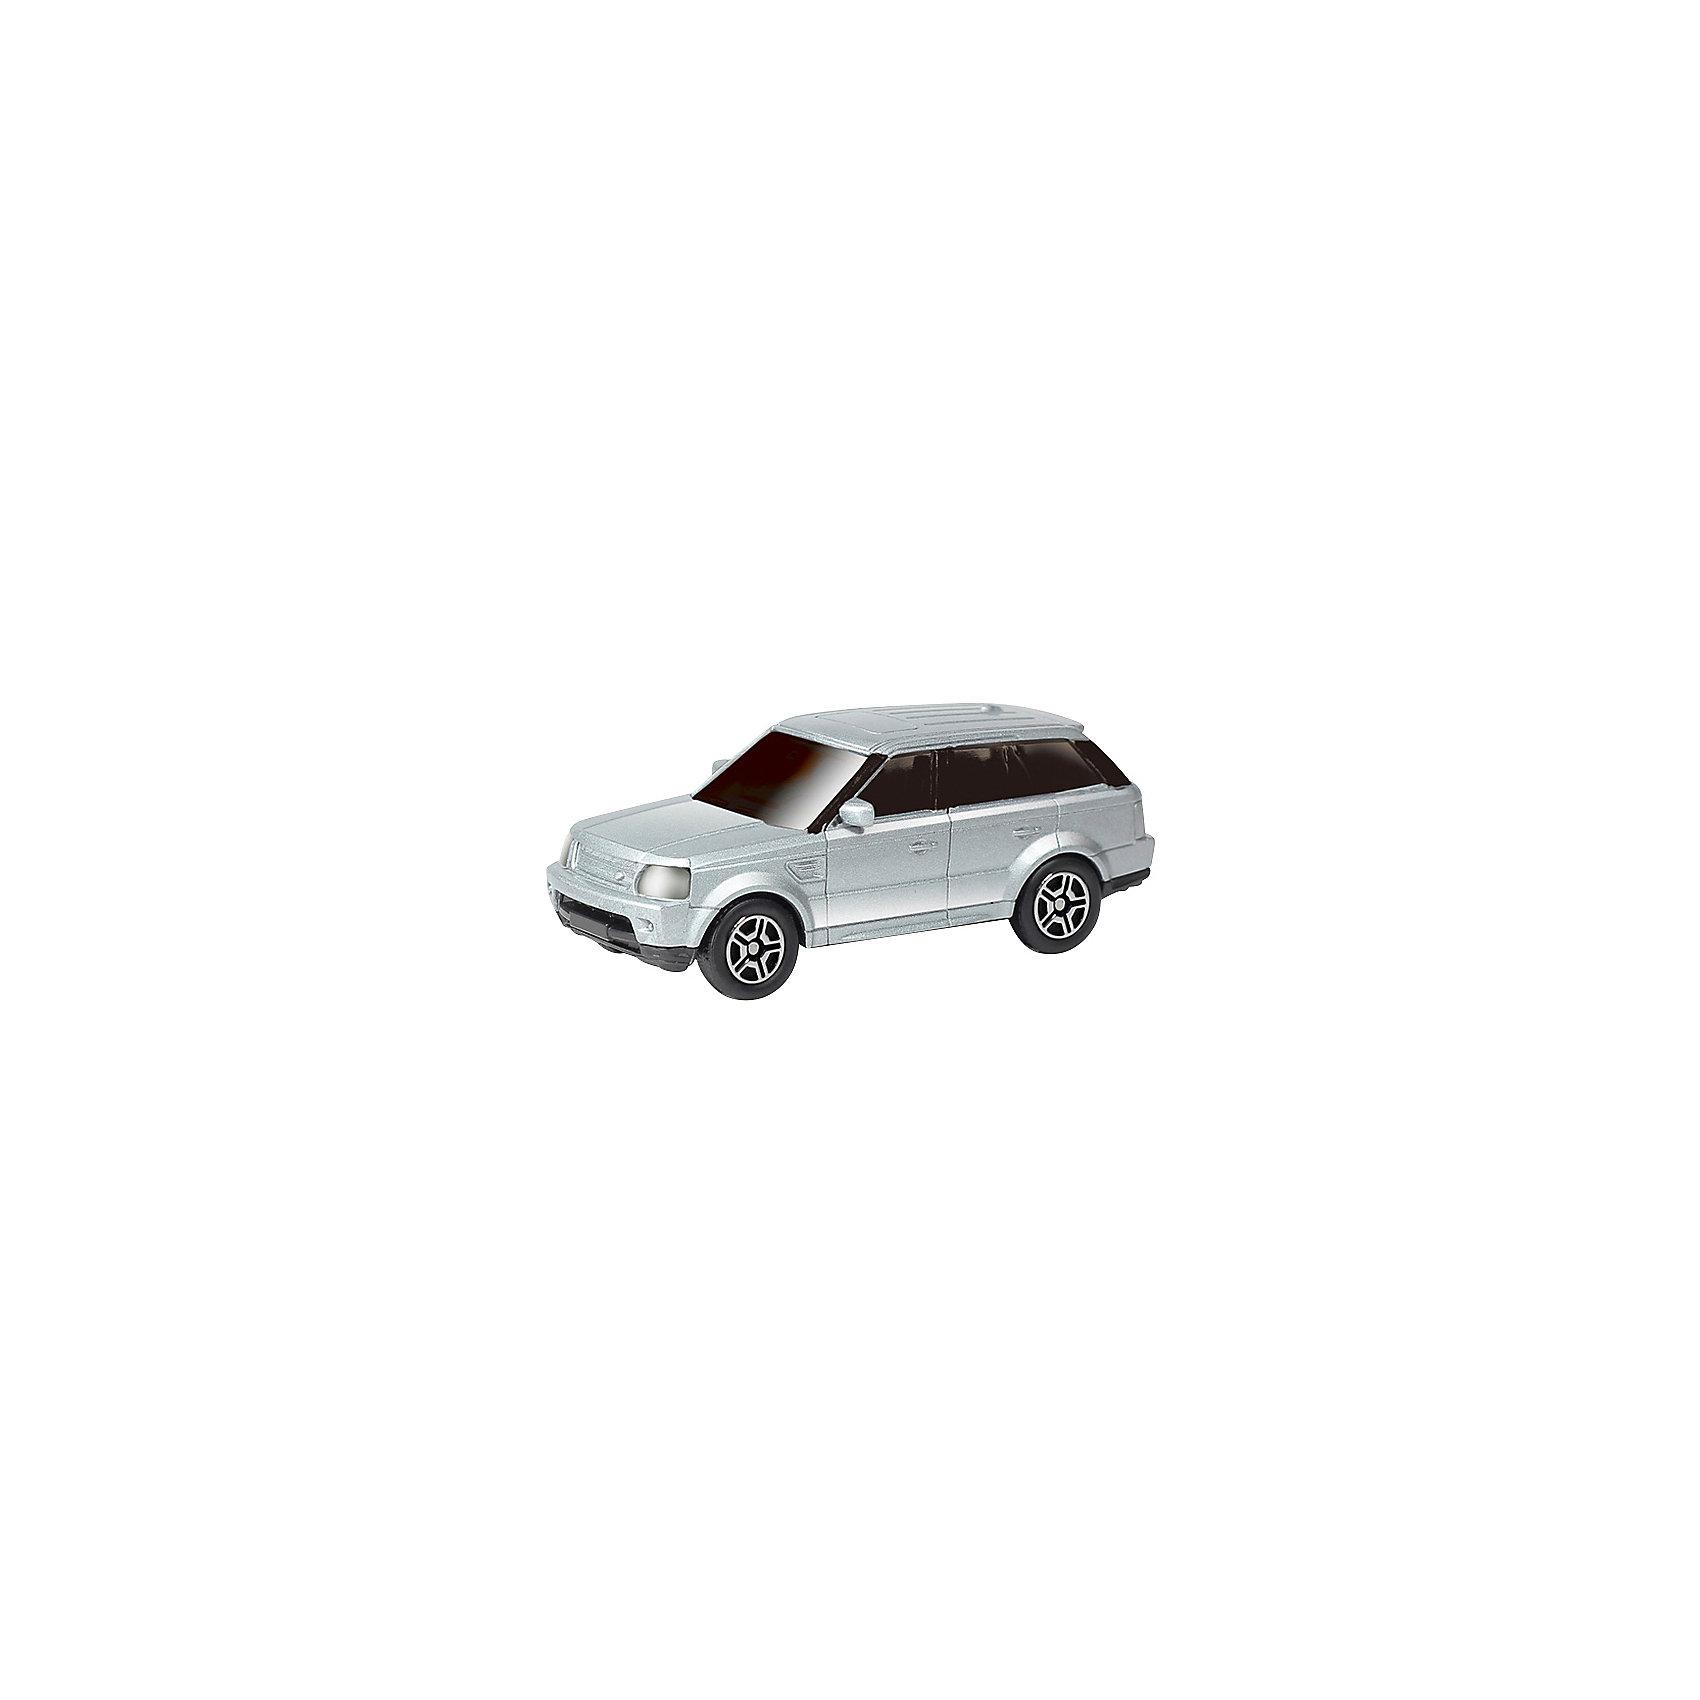 Машинка Range Rover Sport, KRUTTIНевероятно стильная и красивая модель, выполненная в масштабе 1:64 приведет в восторг любого мальчишку. Машина прекрасно детализирована, очень похожа на настоящую. Колеса свободно вращаются. Игрушка выполнена из высококачественных прочных материалов. Автомобиль займет достойное место в коллекции вашего юного автолюбителя.  <br><br>Дополнительная информация:<br><br>- Масштаб: 1:64.<br>- Материал: металл, пластик, резина. <br>- Размер: 7х2,8,2,6. см.<br>- Функции: свободный ход колес.<br><br>Машинку Range Rover Sport, KRUTTI (Крутти), можно купить в нашем магазине.<br><br>Ширина мм: 90<br>Глубина мм: 40<br>Высота мм: 40<br>Вес г: 50<br>Возраст от месяцев: 36<br>Возраст до месяцев: 168<br>Пол: Мужской<br>Возраст: Детский<br>SKU: 4304445